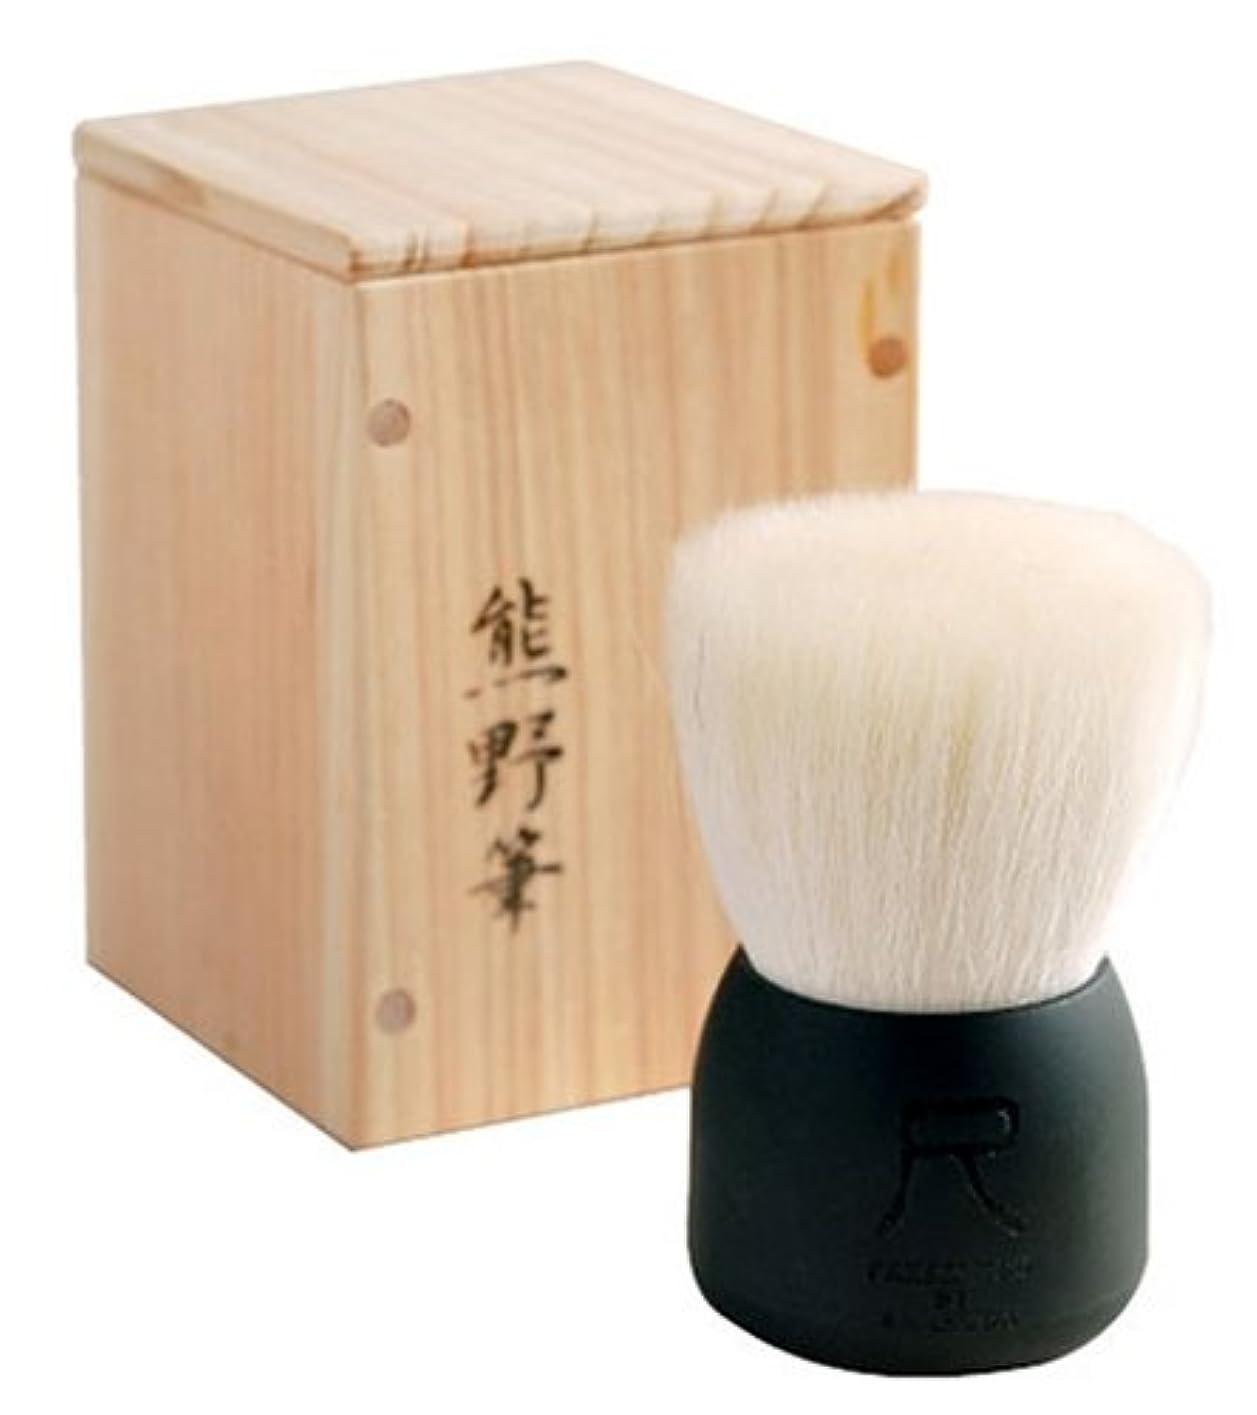 最大限第四種尺 洗顔ブラシ(大) 黒 W003